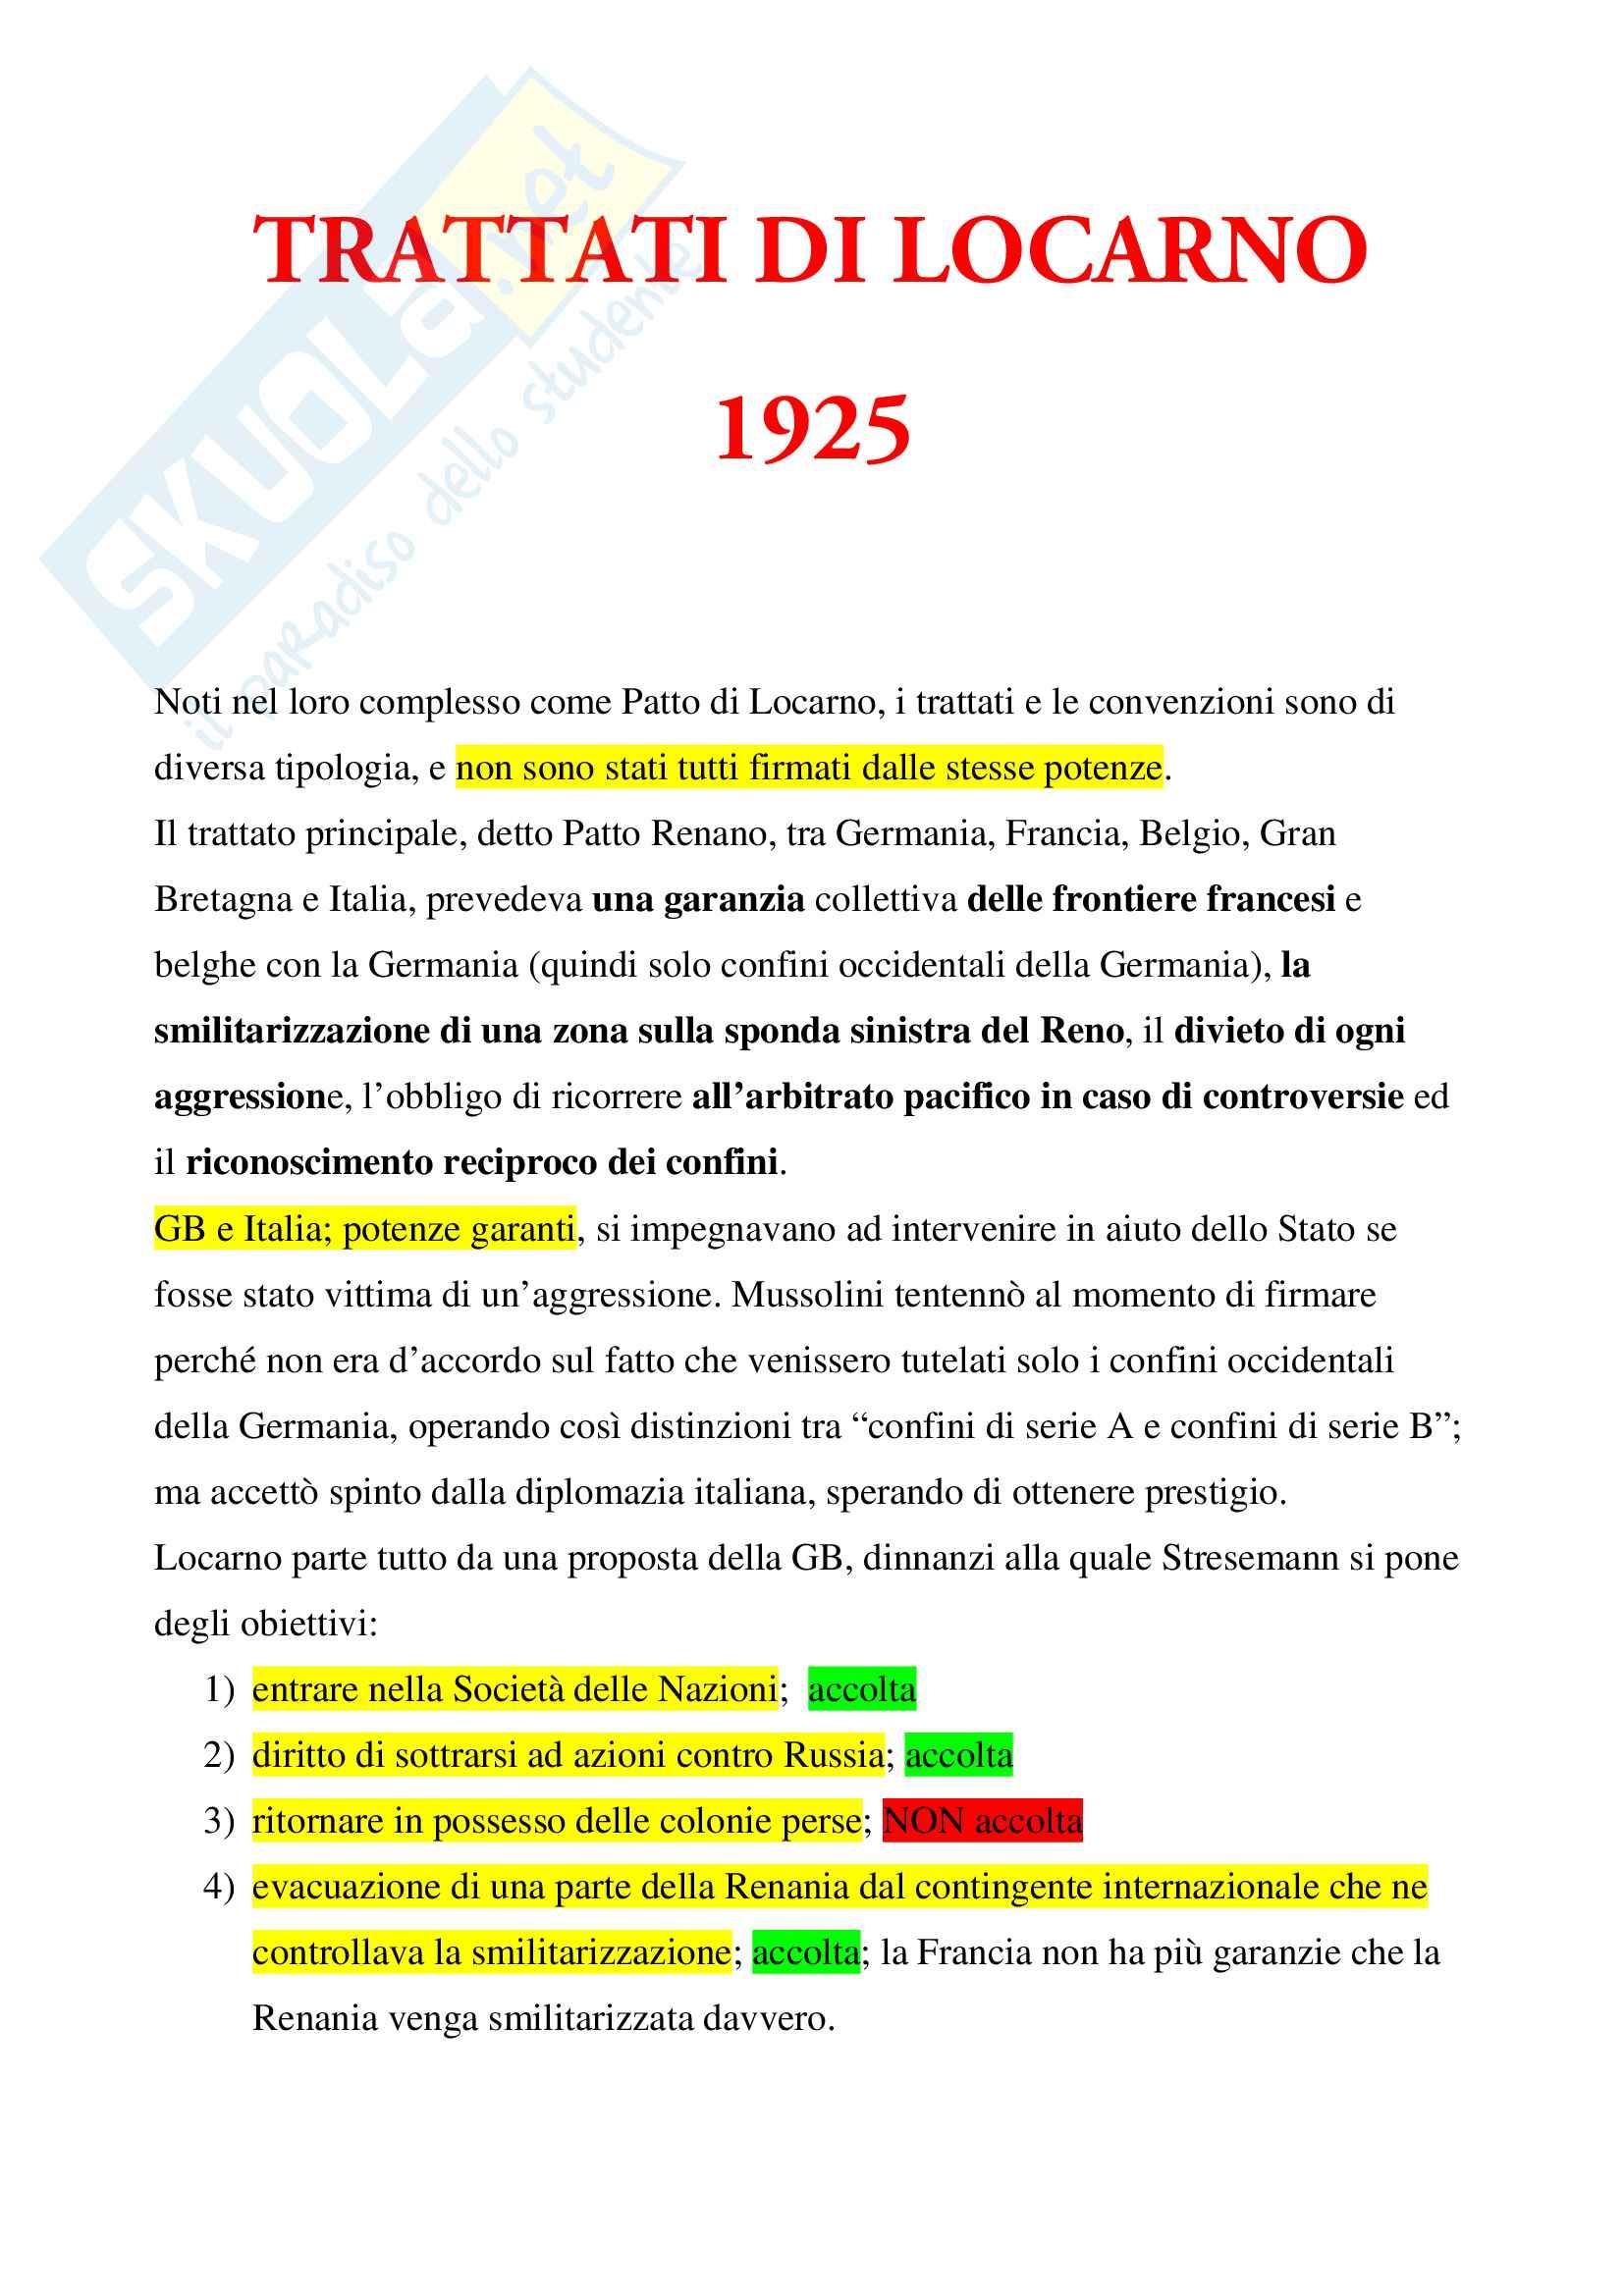 Trattati di Locarno 1925